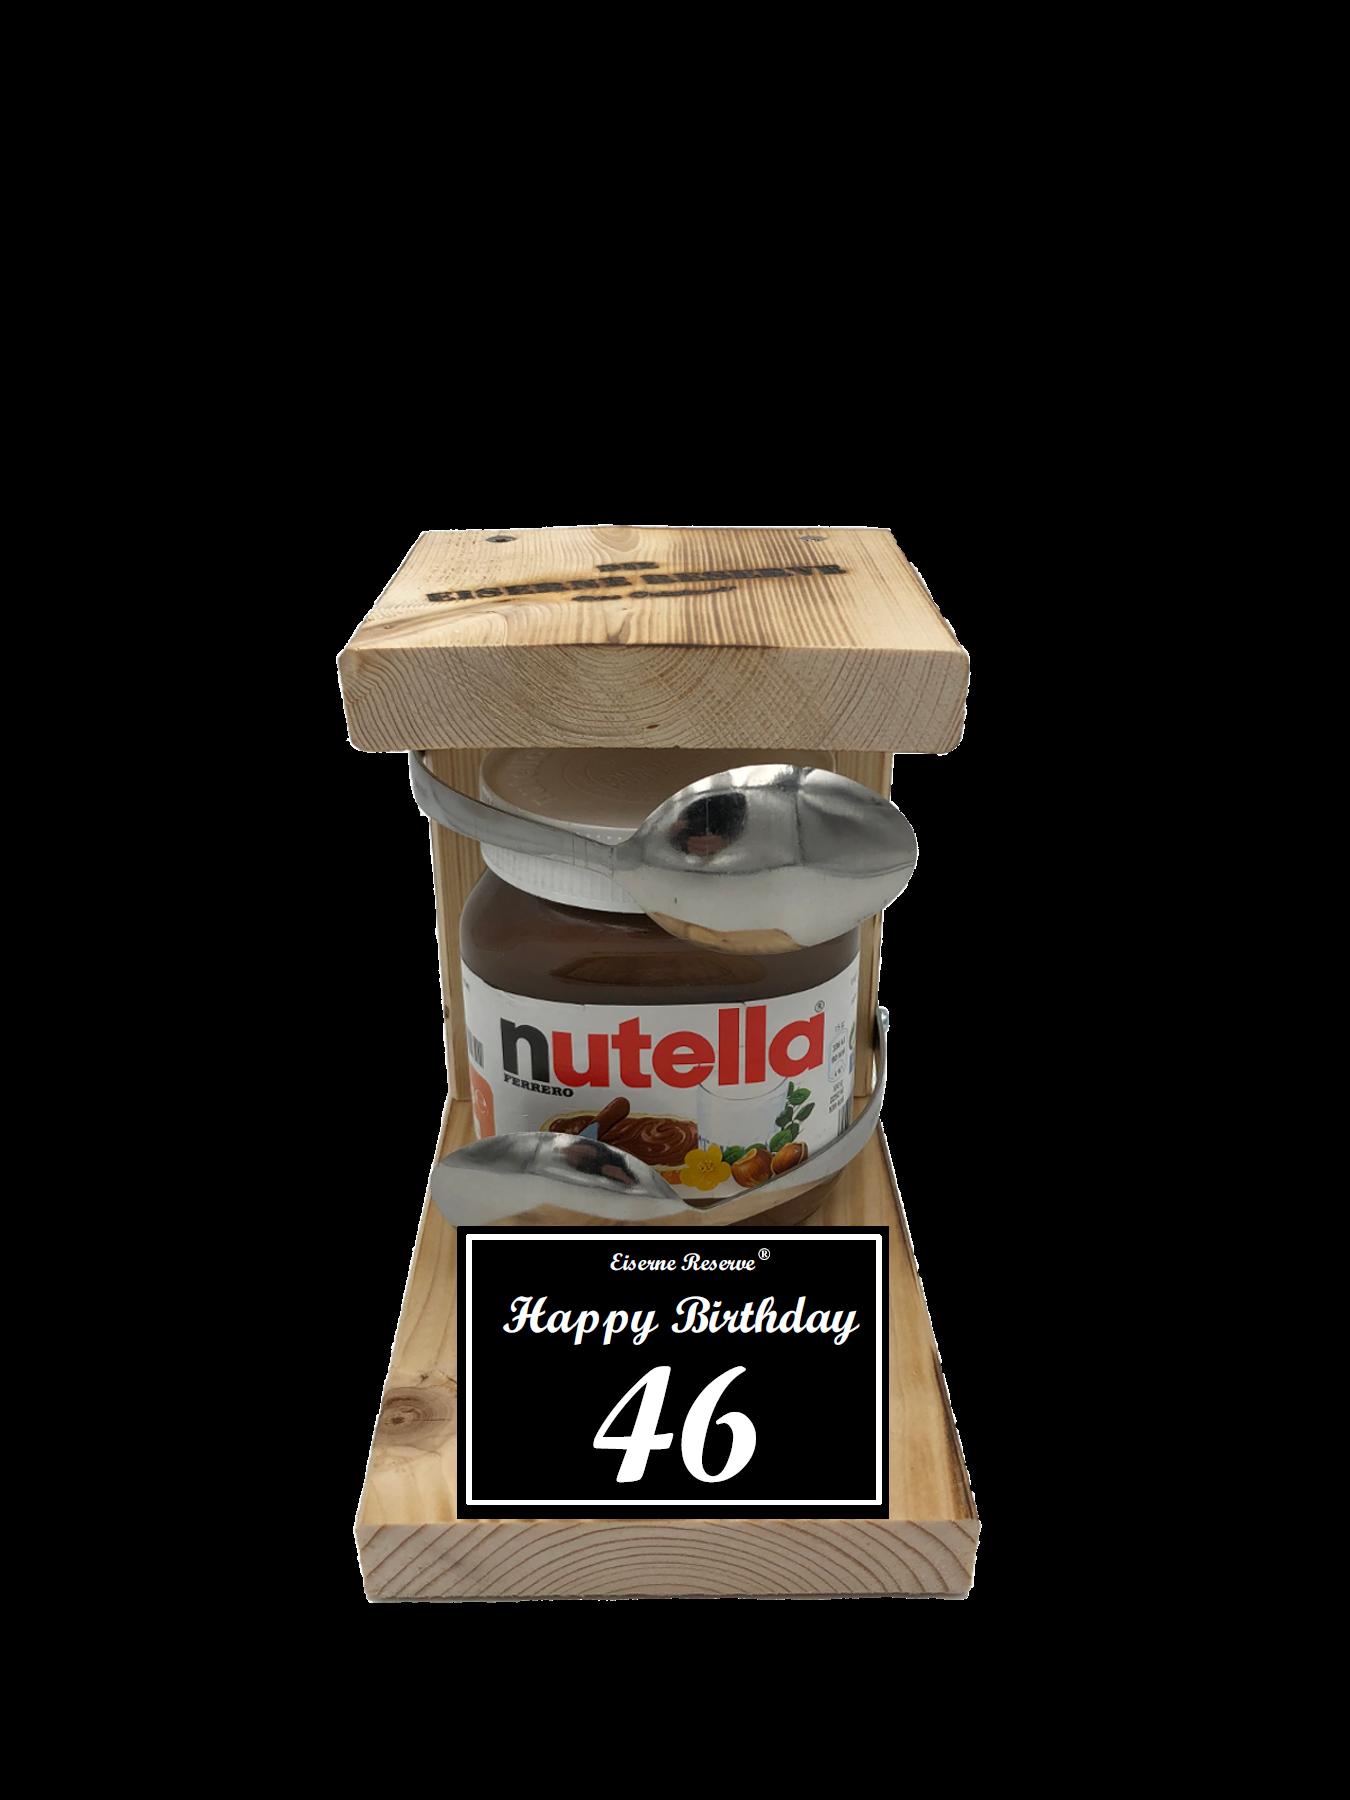 46 Happy Birthday Löffel Nutella Geschenk - Die Nutella Geschenkidee